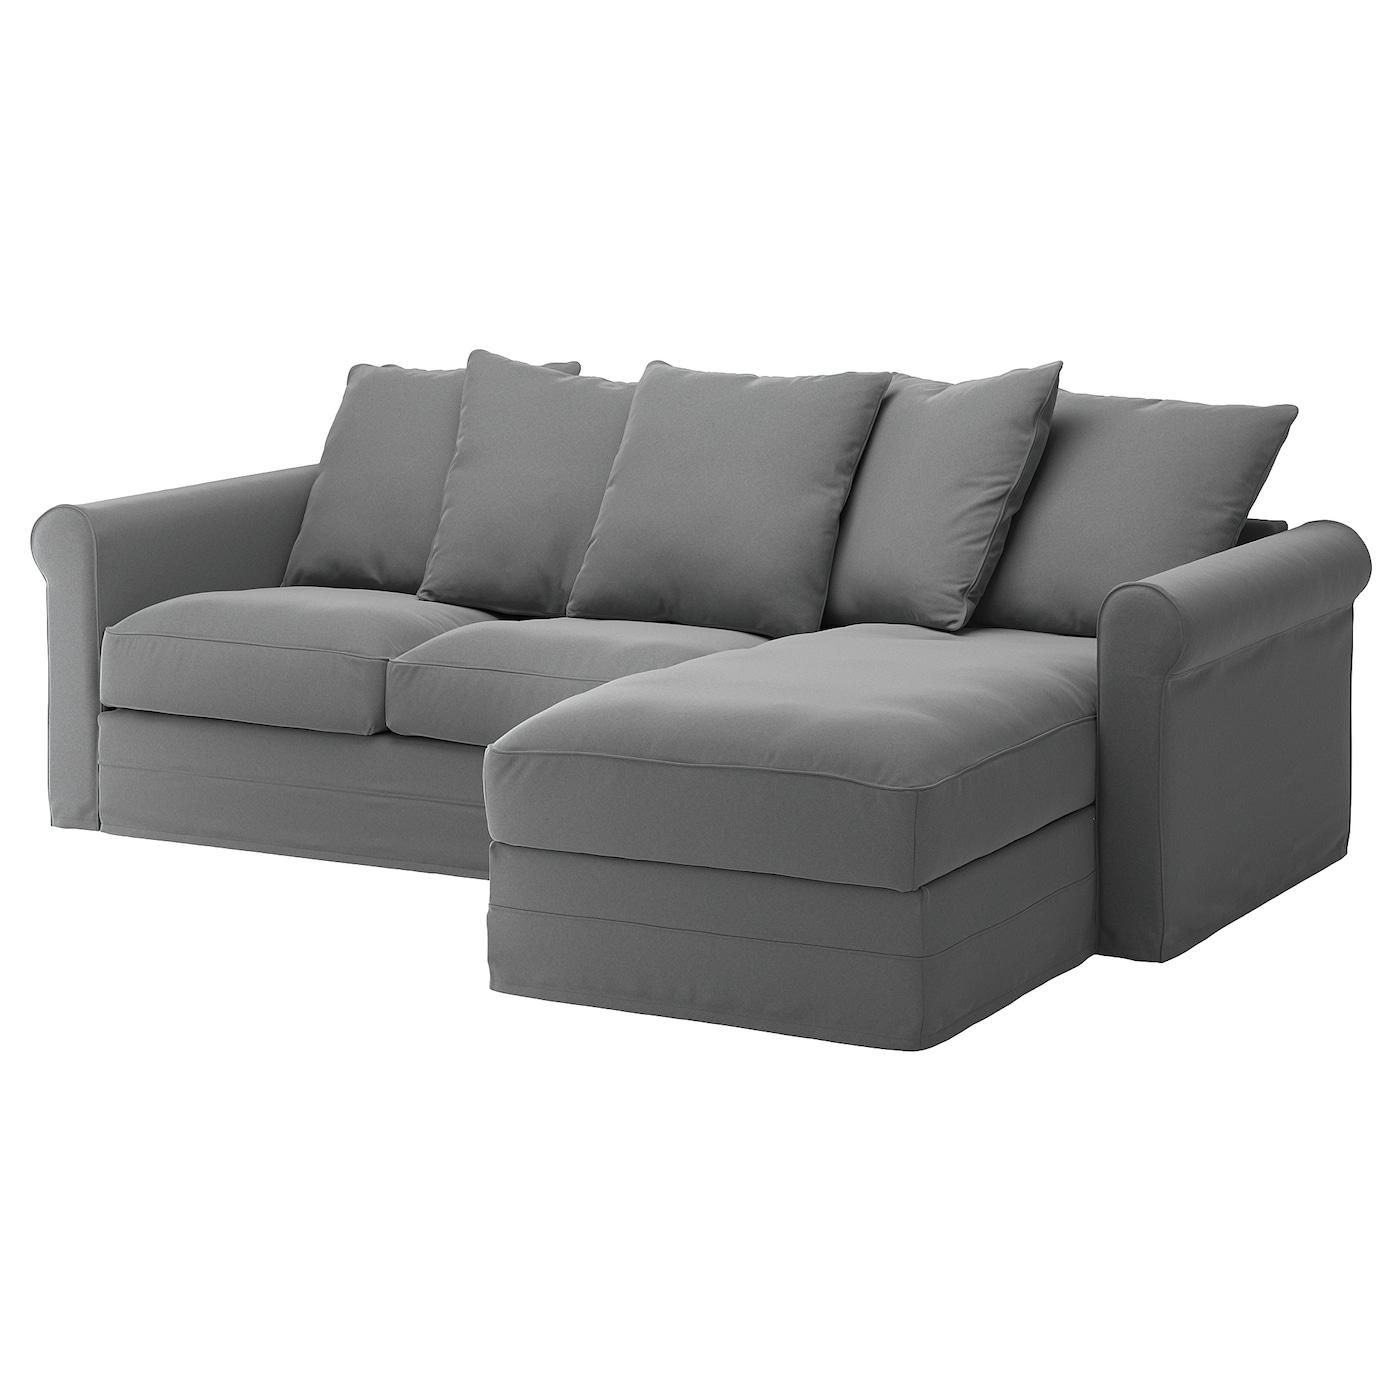 gr nlid canap 3 places avec m ridienne ljungen gris moyen ikea. Black Bedroom Furniture Sets. Home Design Ideas